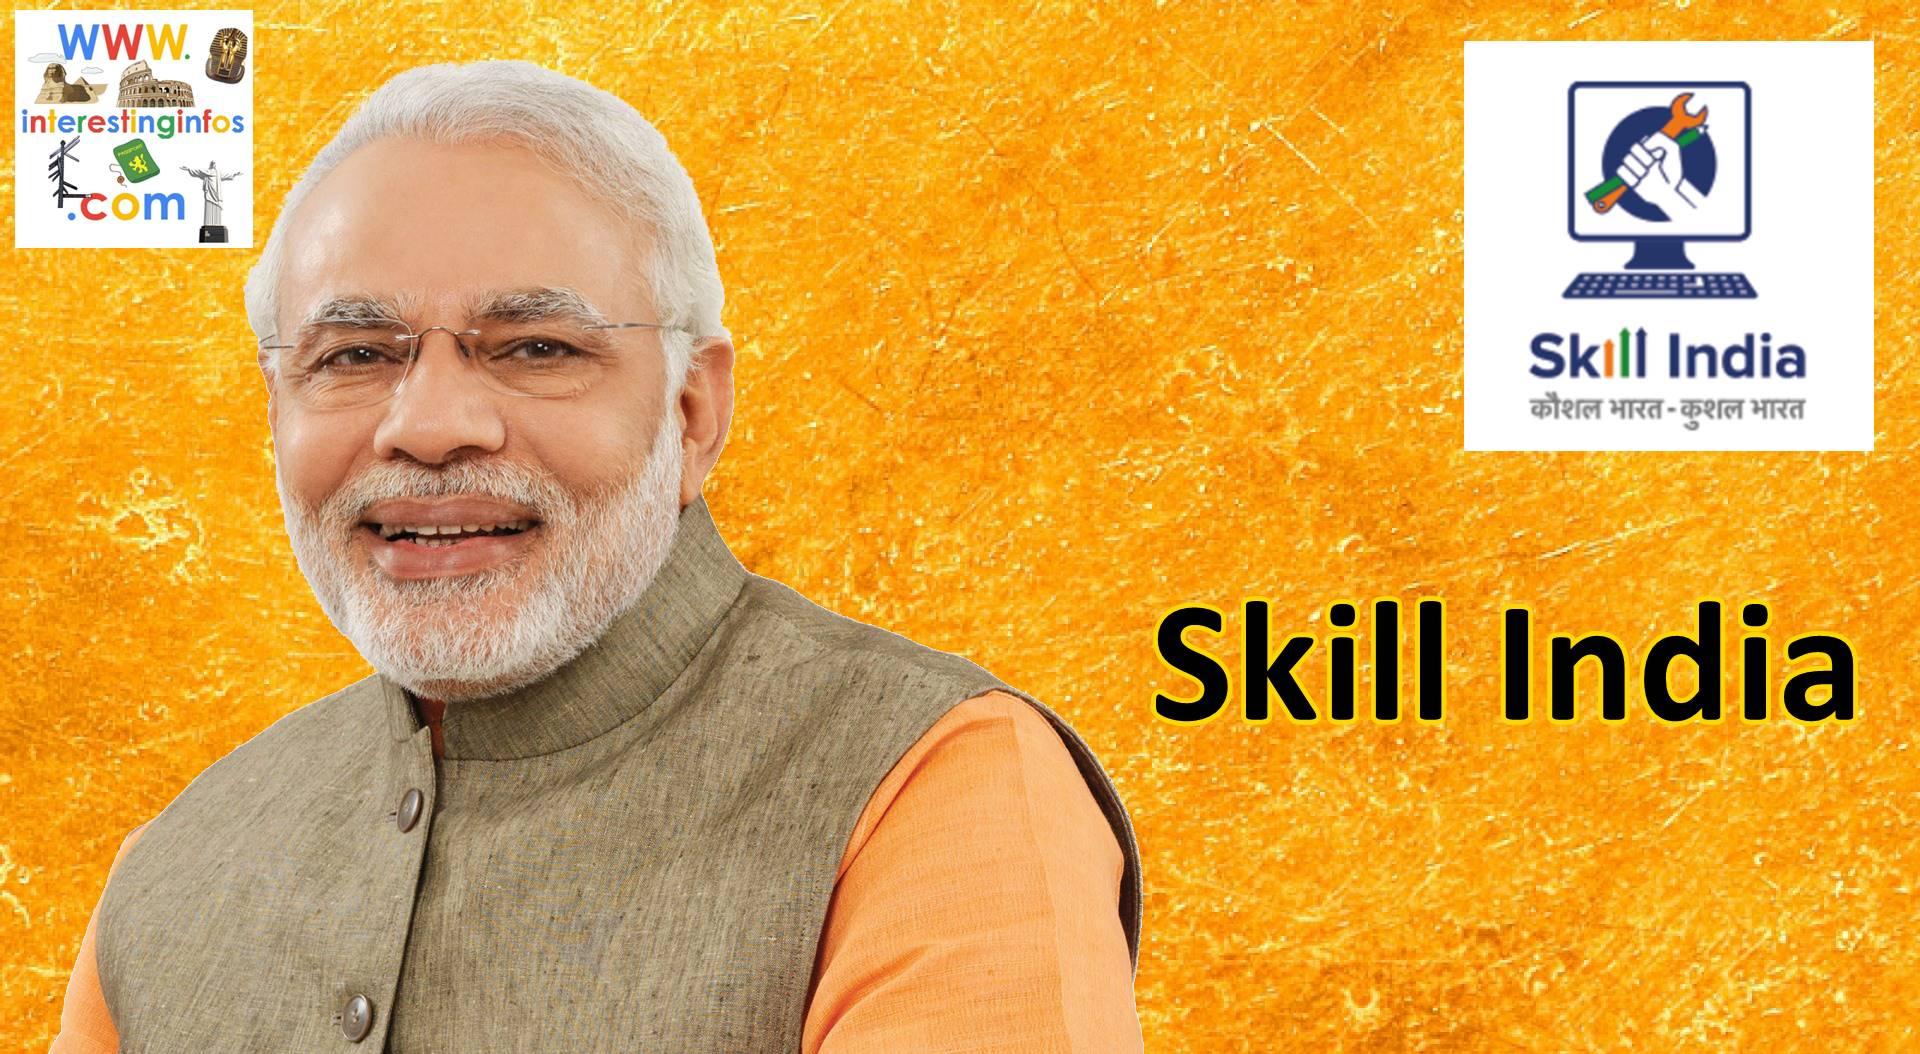 Narendra modi Skill India